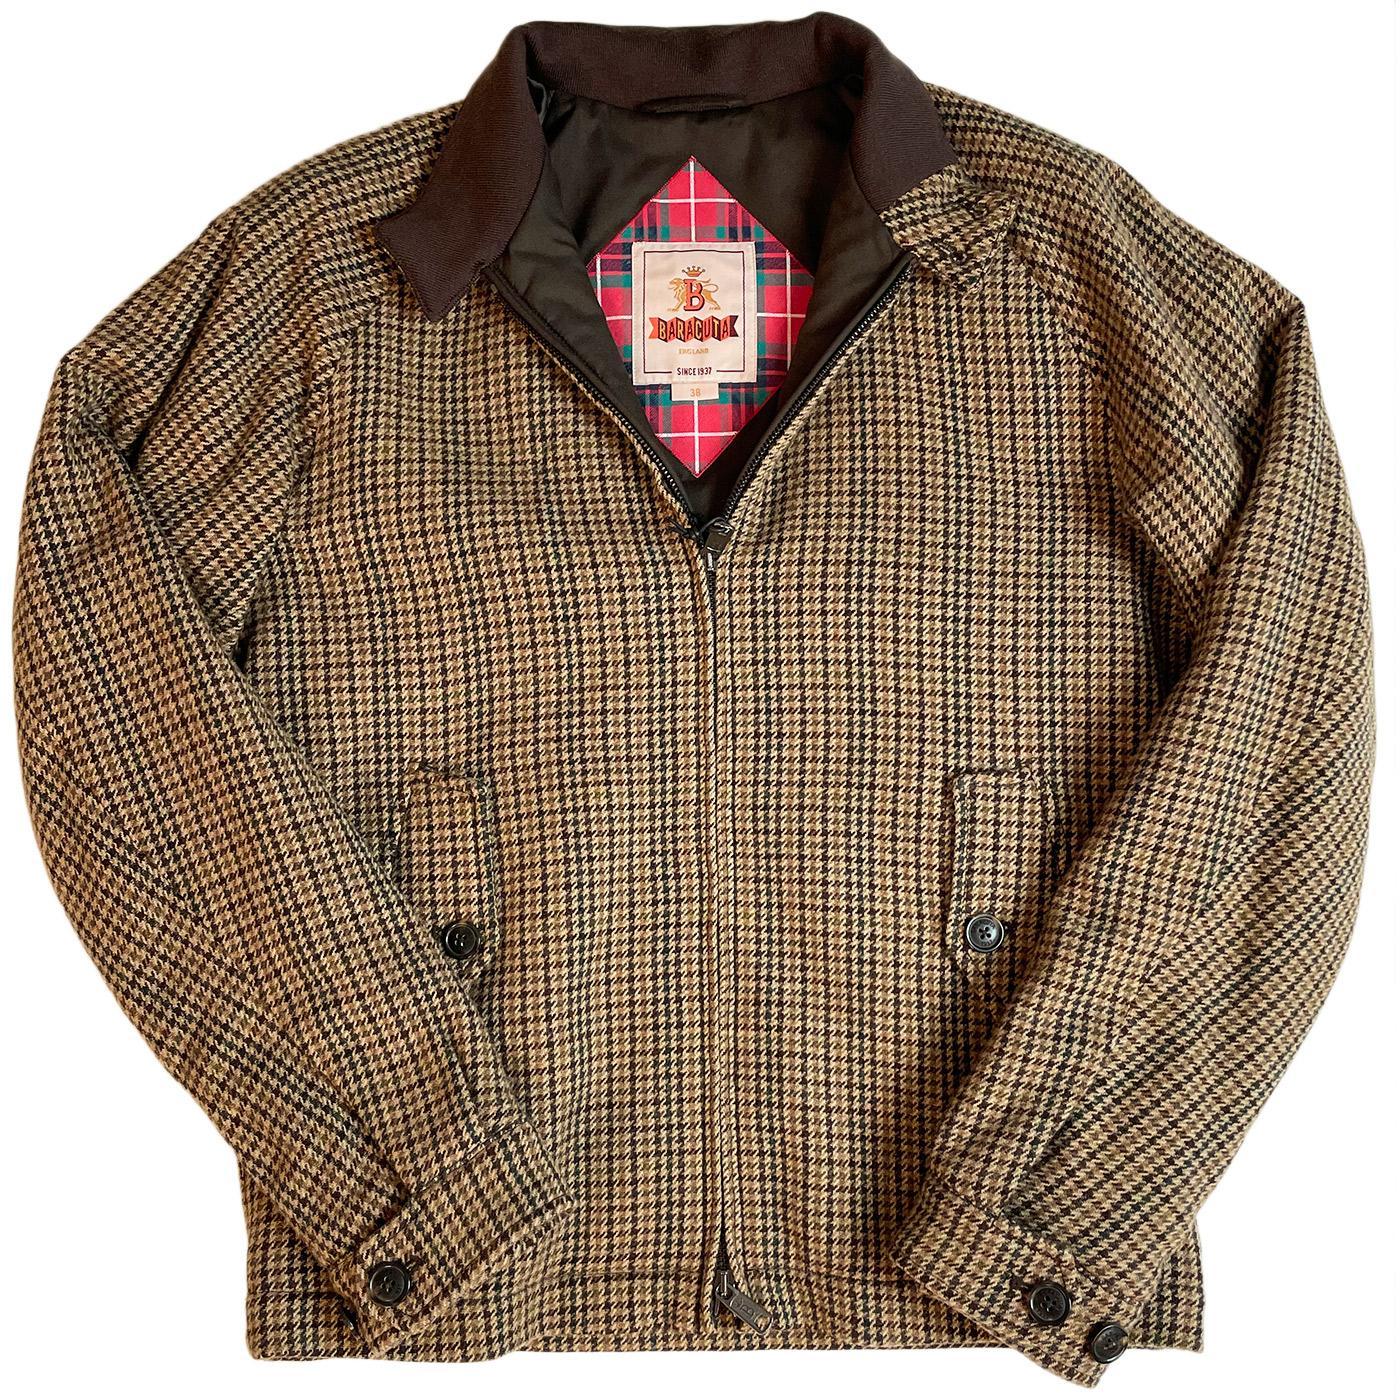 BARACUTA G4 Wool Abraham Moon Houndstooth Jacket